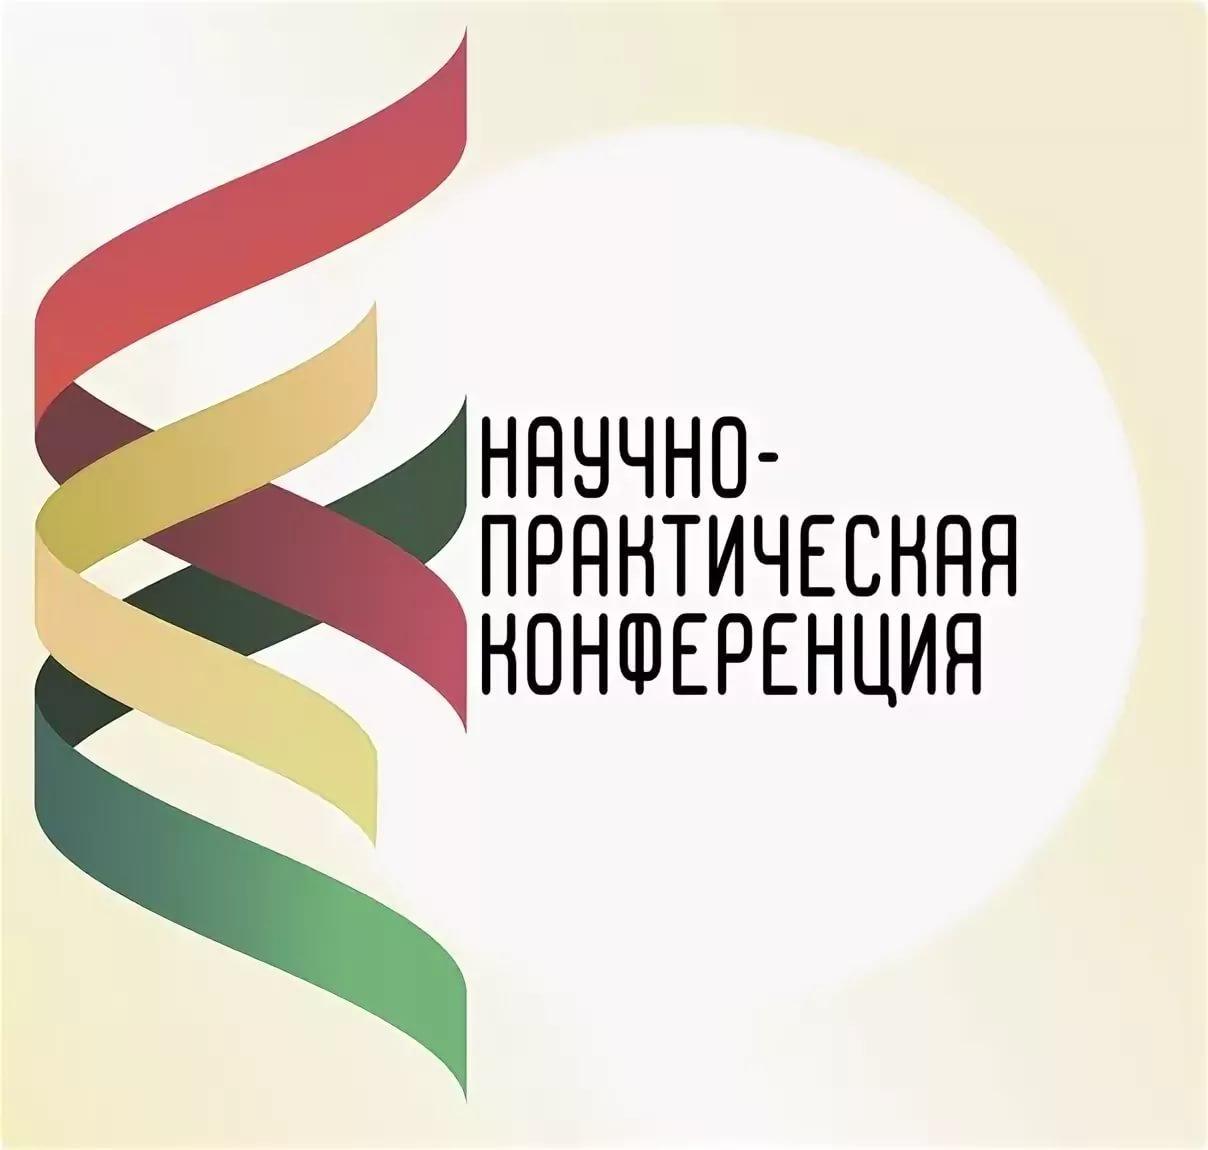 Дистанционная научно-практическая конференция